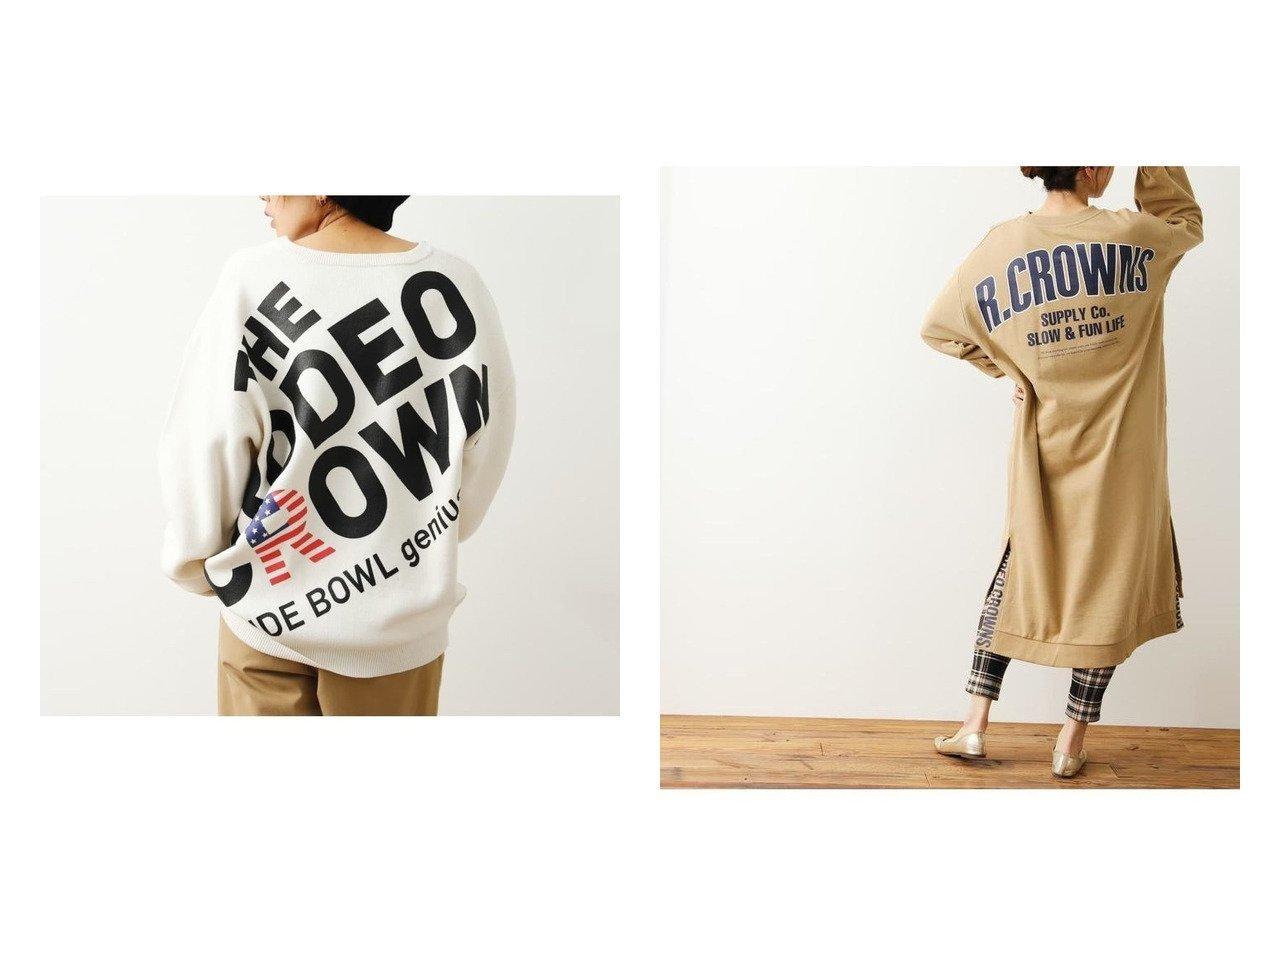 【RODEO CROWNS WIDE BOWL/ロデオクラウンズワイドボウル】のサイドベンツロゴワンピース&バックスラッシュロゴニットトップス RODEO CROWNS WIDE BOWLのおすすめ!人気、トレンド・レディースファッションの通販 おすすめで人気の流行・トレンド、ファッションの通販商品 メンズファッション・キッズファッション・インテリア・家具・レディースファッション・服の通販 founy(ファニー) https://founy.com/ ファッション Fashion レディースファッション WOMEN トップス Tops Tshirt ニット Knit Tops ワンピース Dress シンプル フロント スリット デニム プリント ボトム レギンス  ID:crp329100000018520